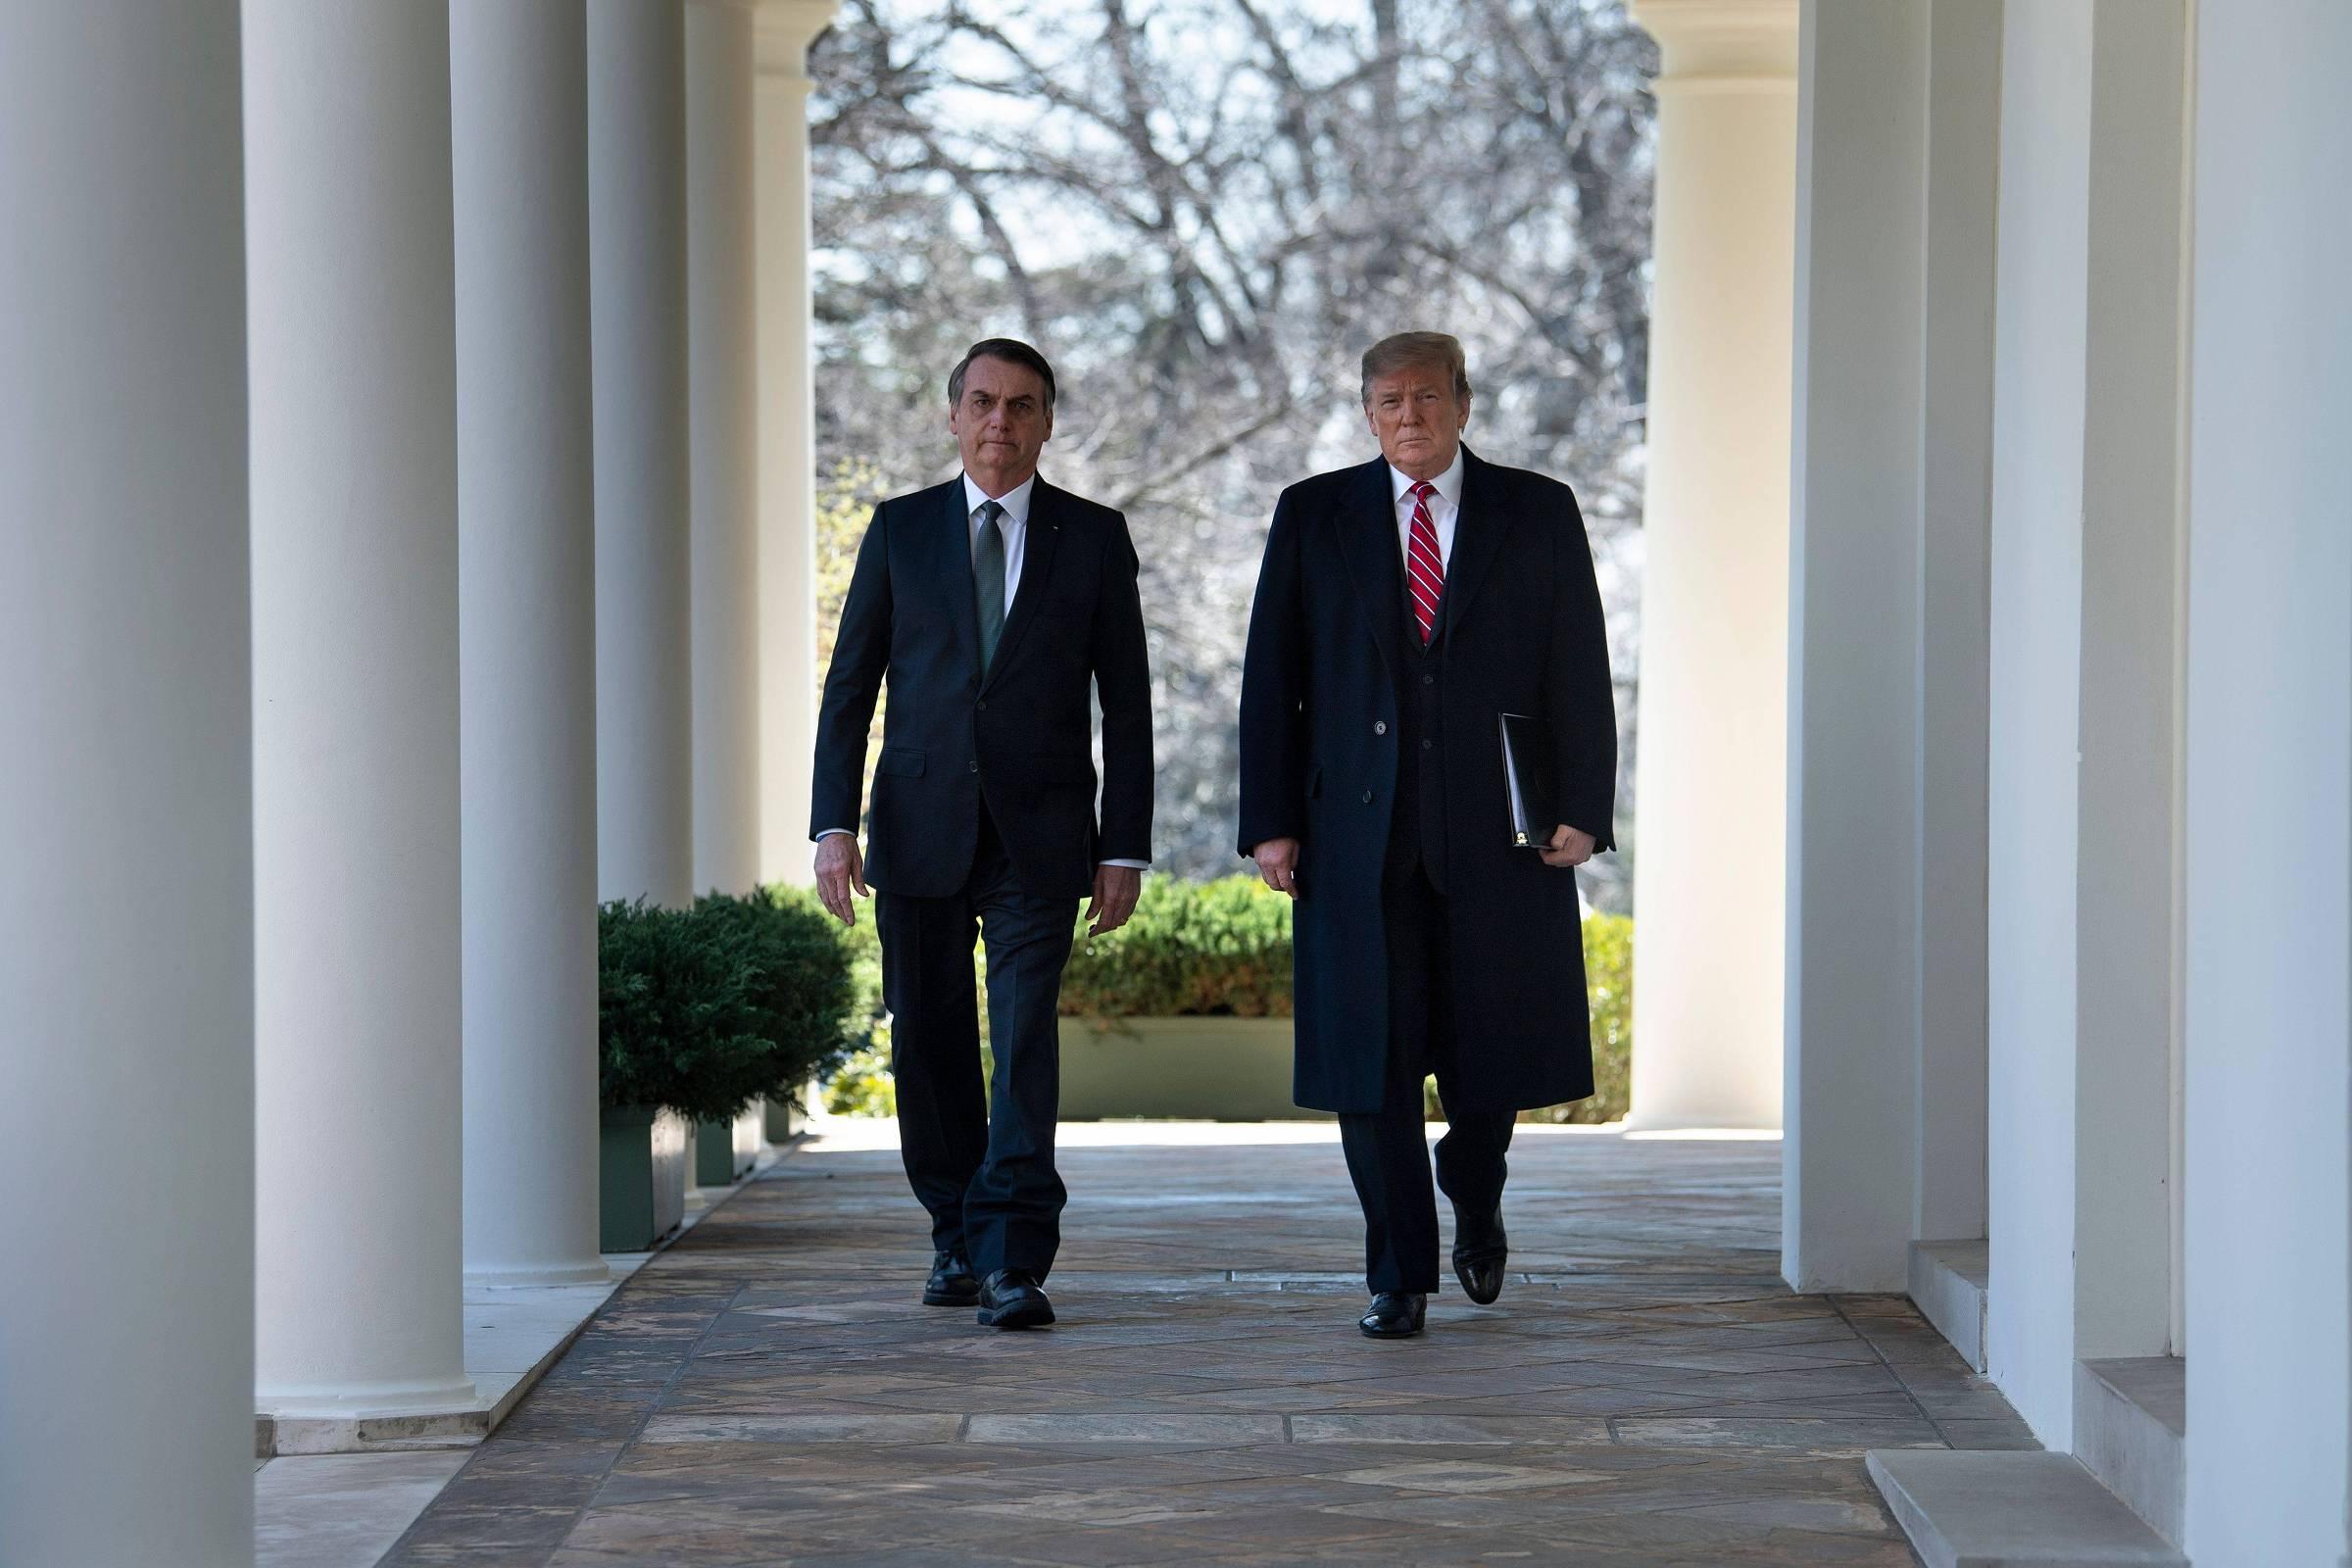 Acusação de Trump não tem fundamento, dizem economistas